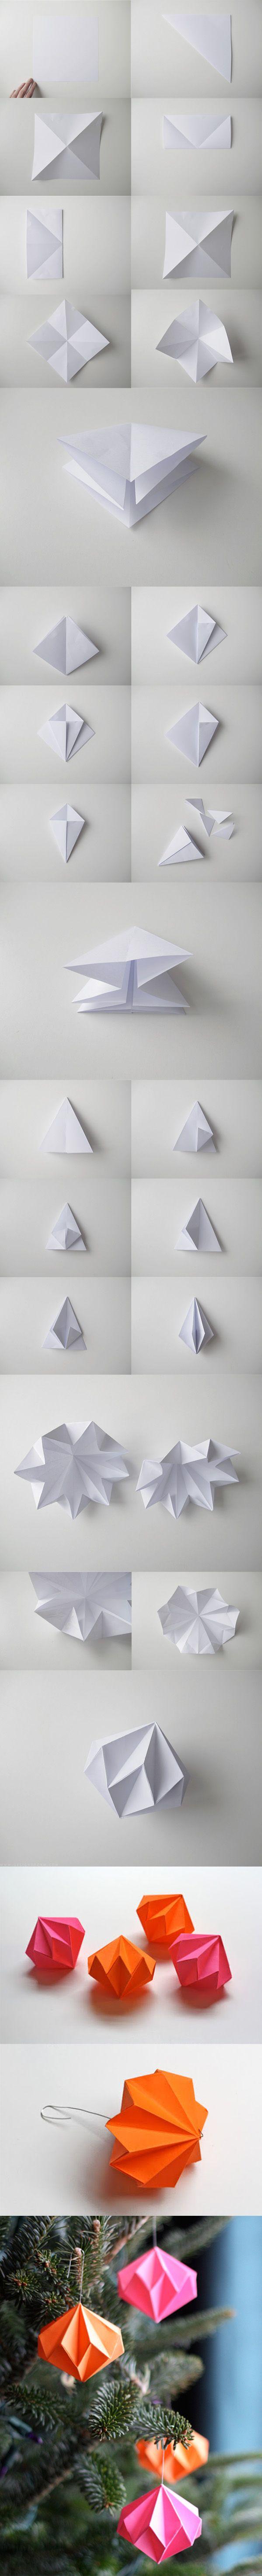 Diamantes de papel decorativos para Navidad / http://designoform.com/  /  http://howaboutorange.blogspot.com.es/